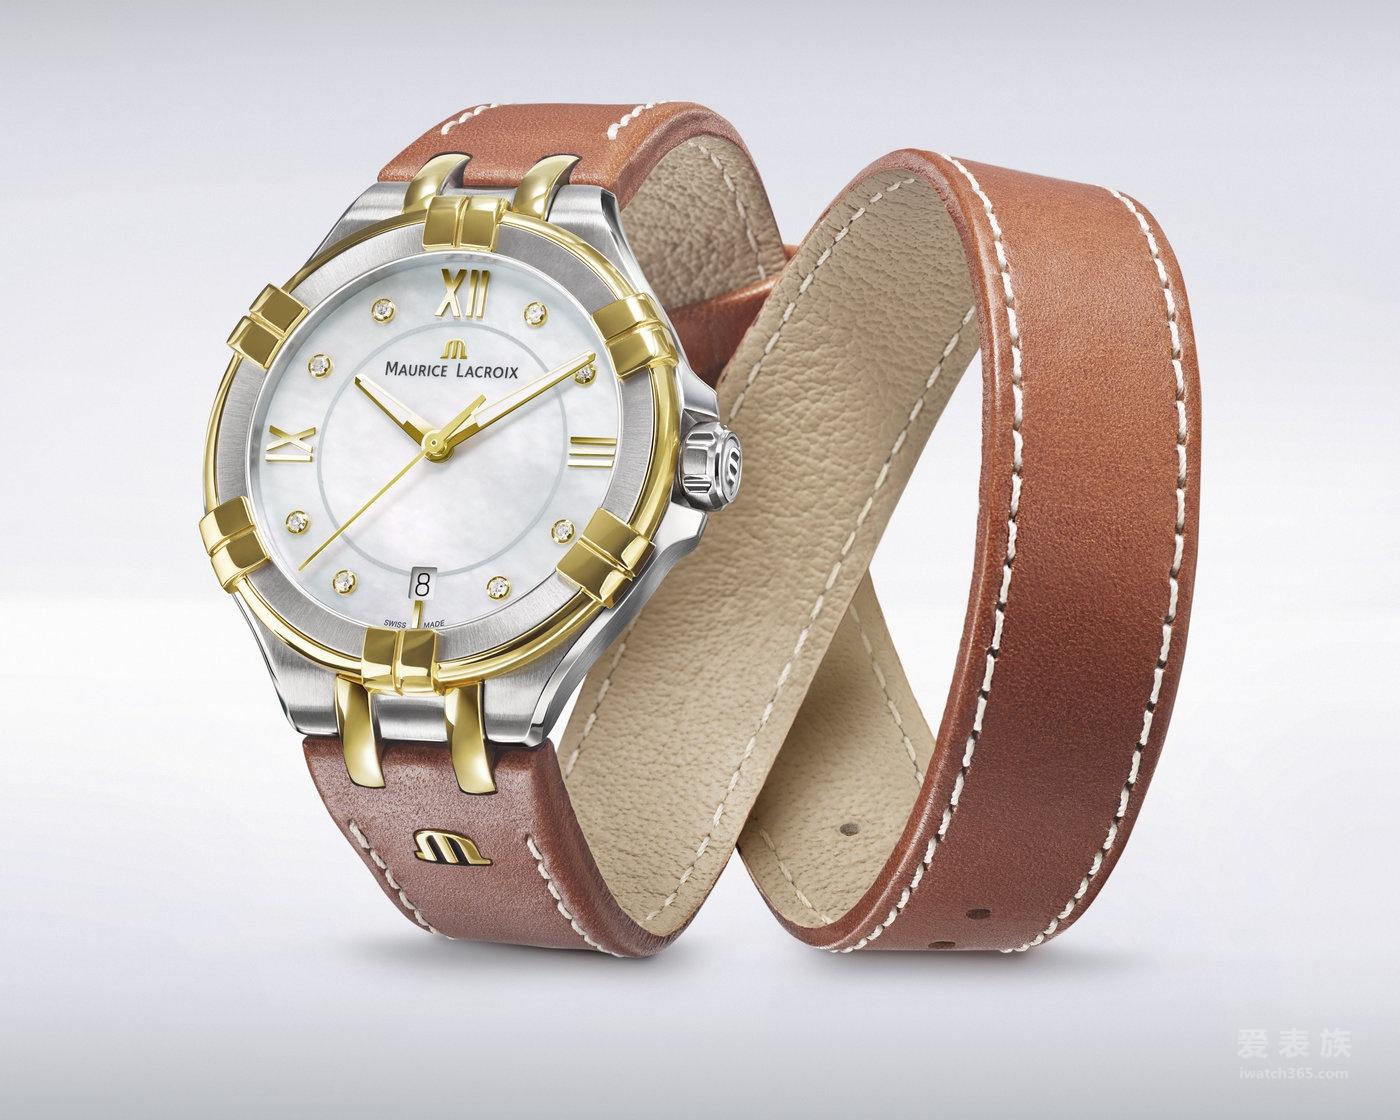 2017巴塞尔钟表展:艾美AIKON 系列女装腕表,30 毫米与 35 毫米表款